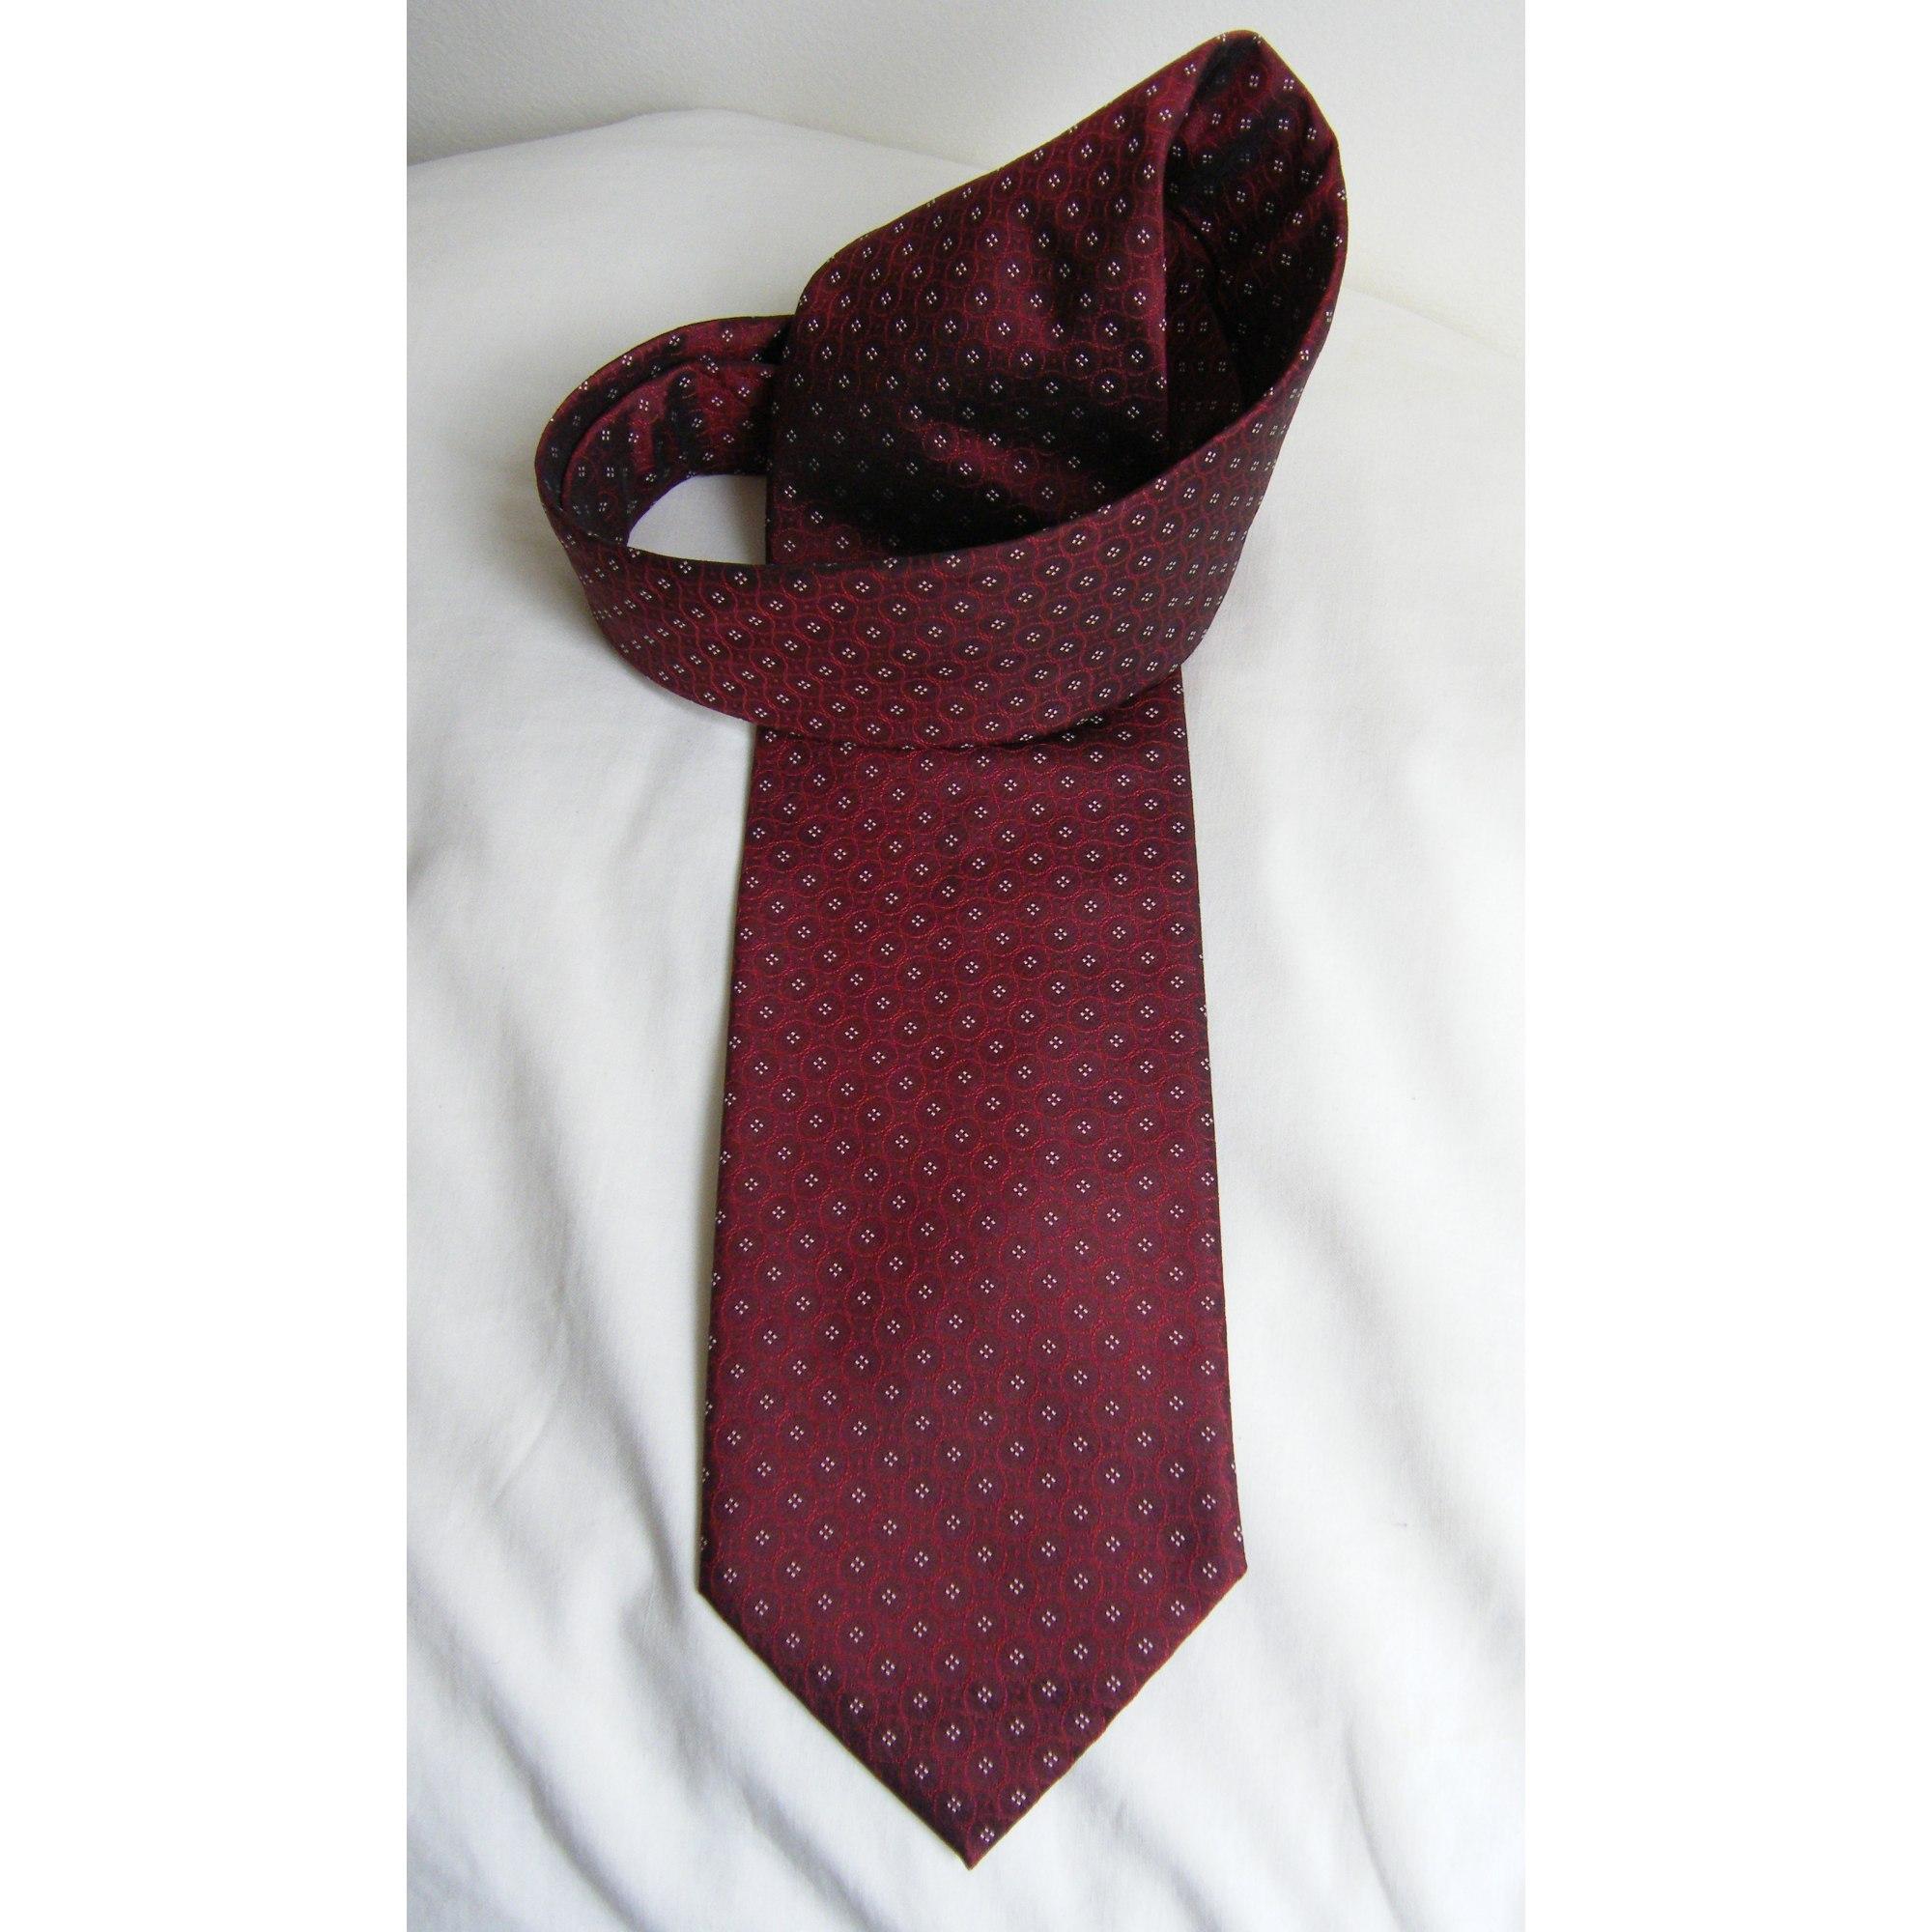 Tie BALTHAZAR Red, burgundy